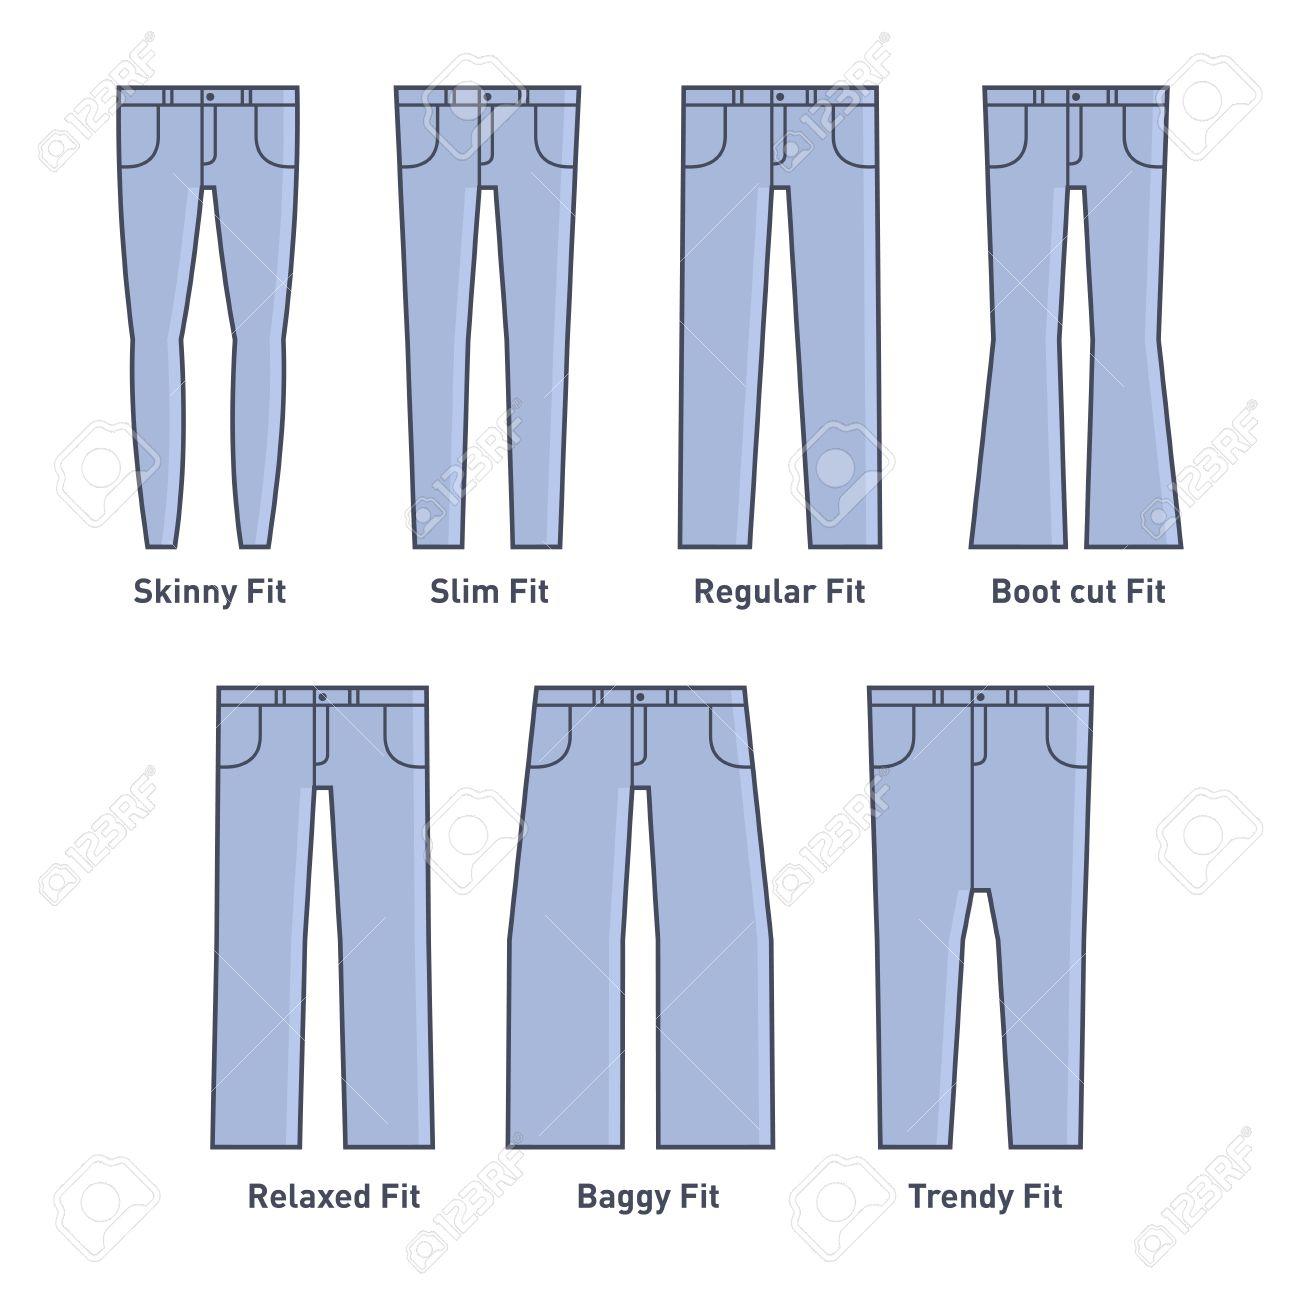 Femmes Jeans Types Situé Sur Fond Blanc.